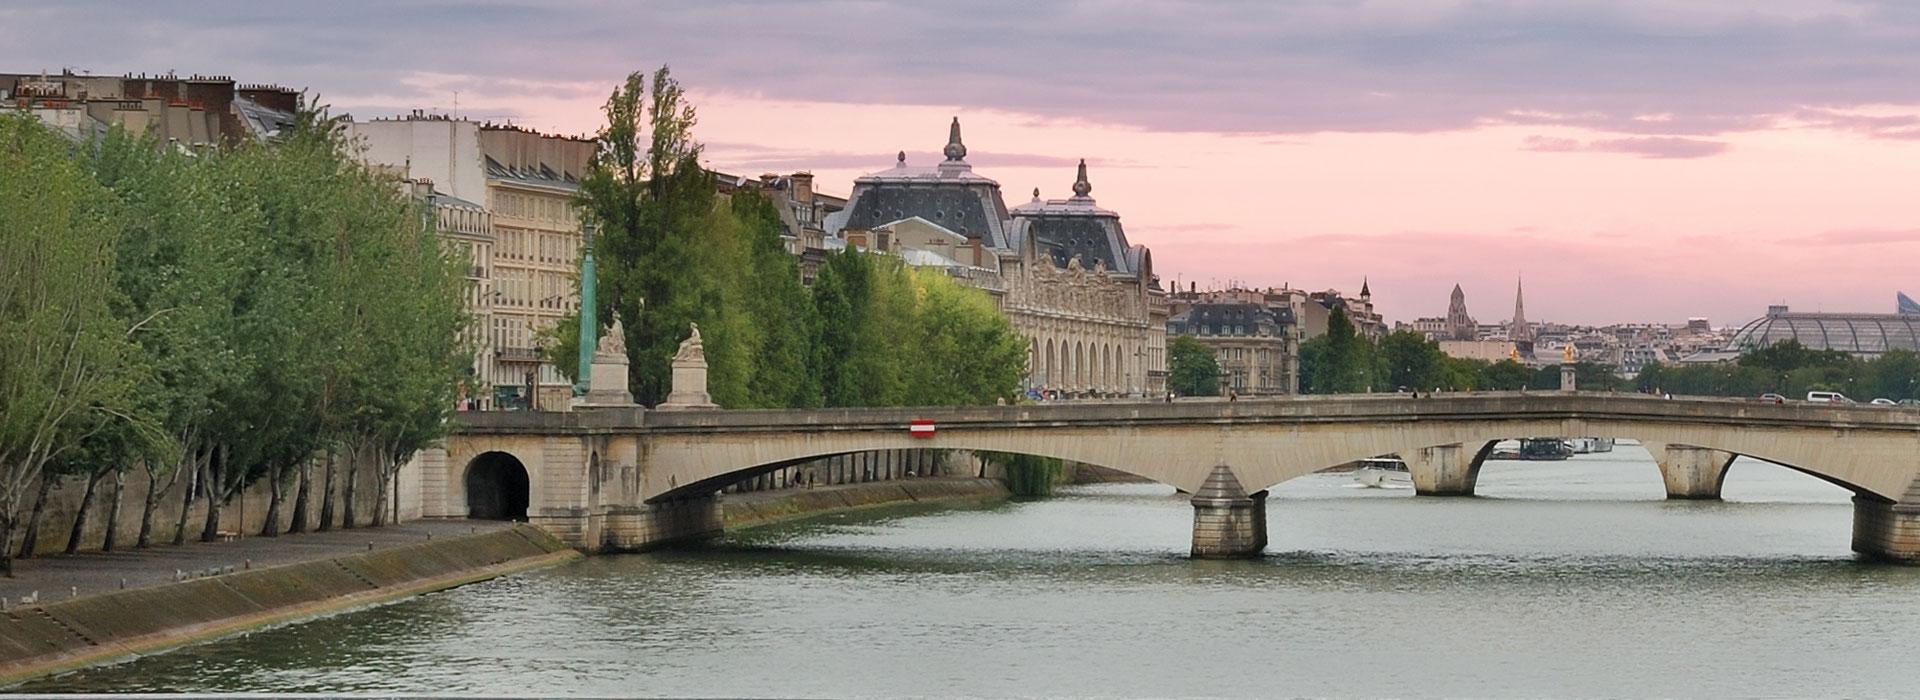 EDF Paris : Est-ce que la concurrence suit derrière ?